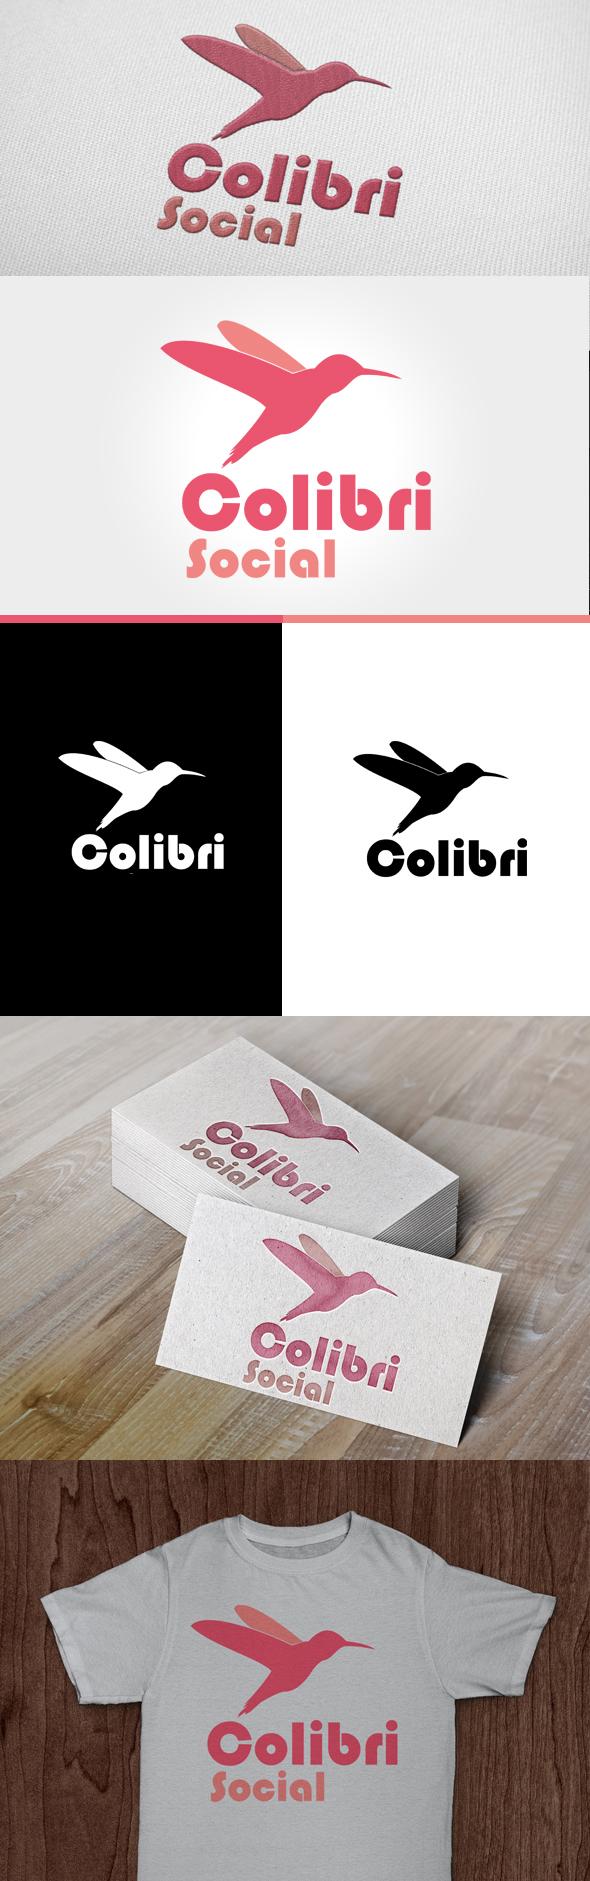 Дизайнер, разработка логотипа компании фото f_614557ecb72e1ddc.jpg